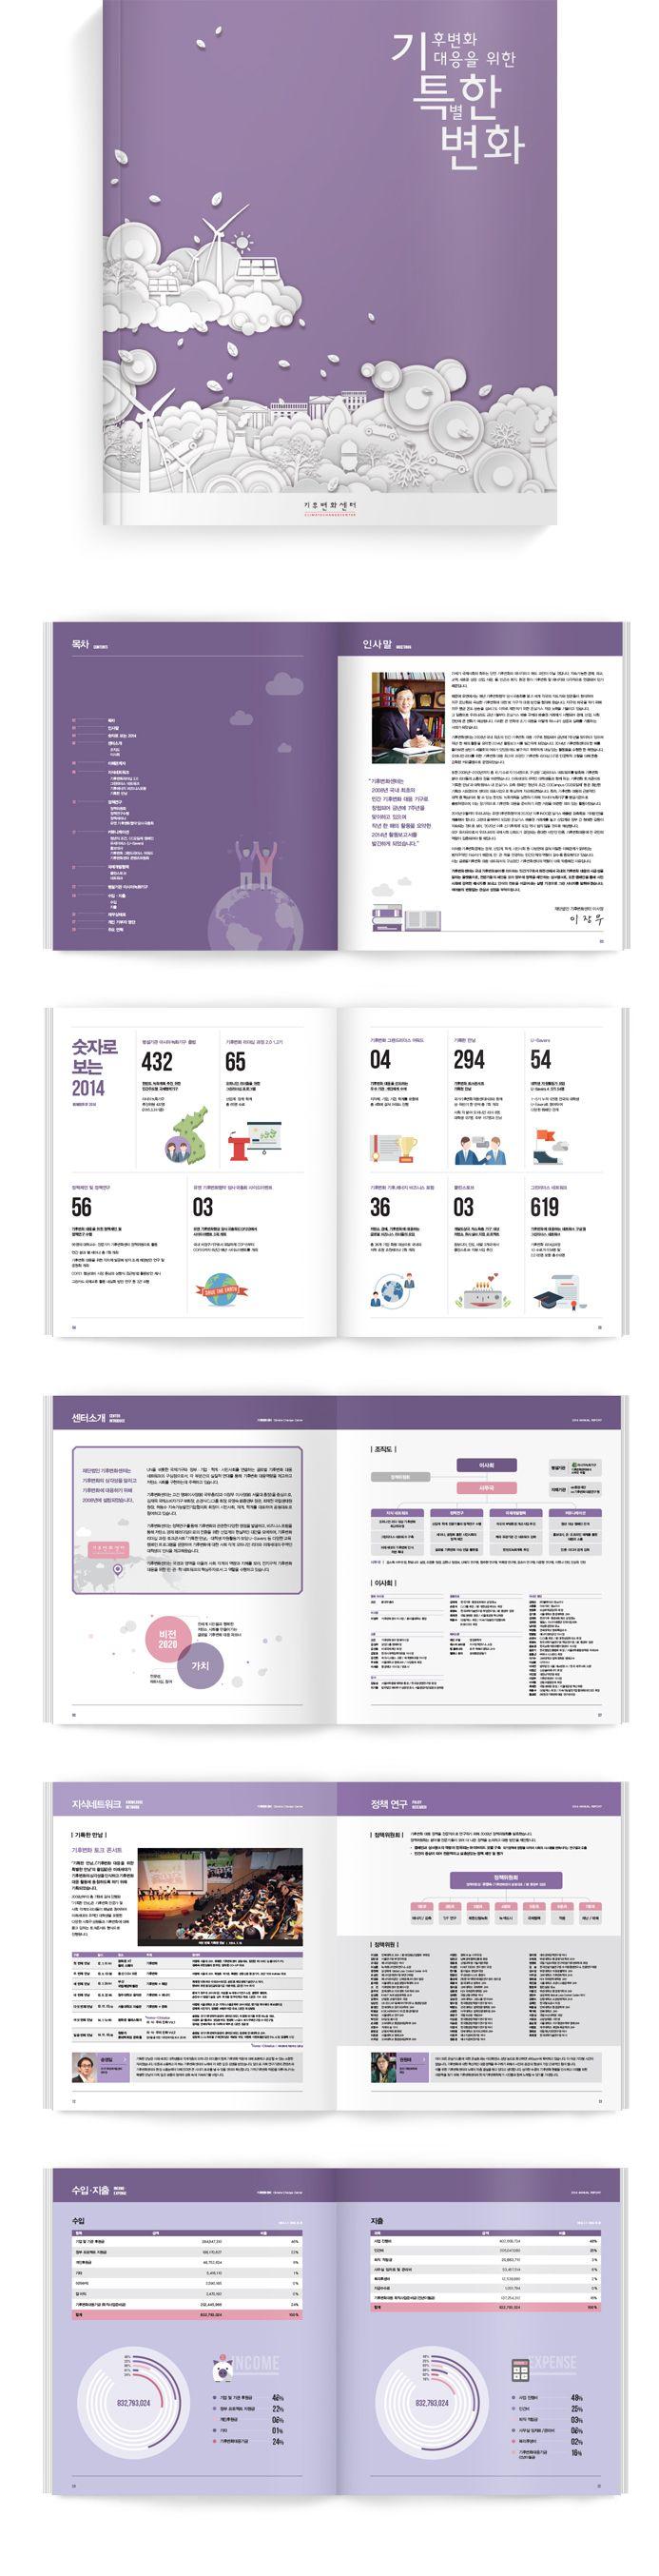 SUNNYISLAND - 기특한 변화 2014 연간보고서